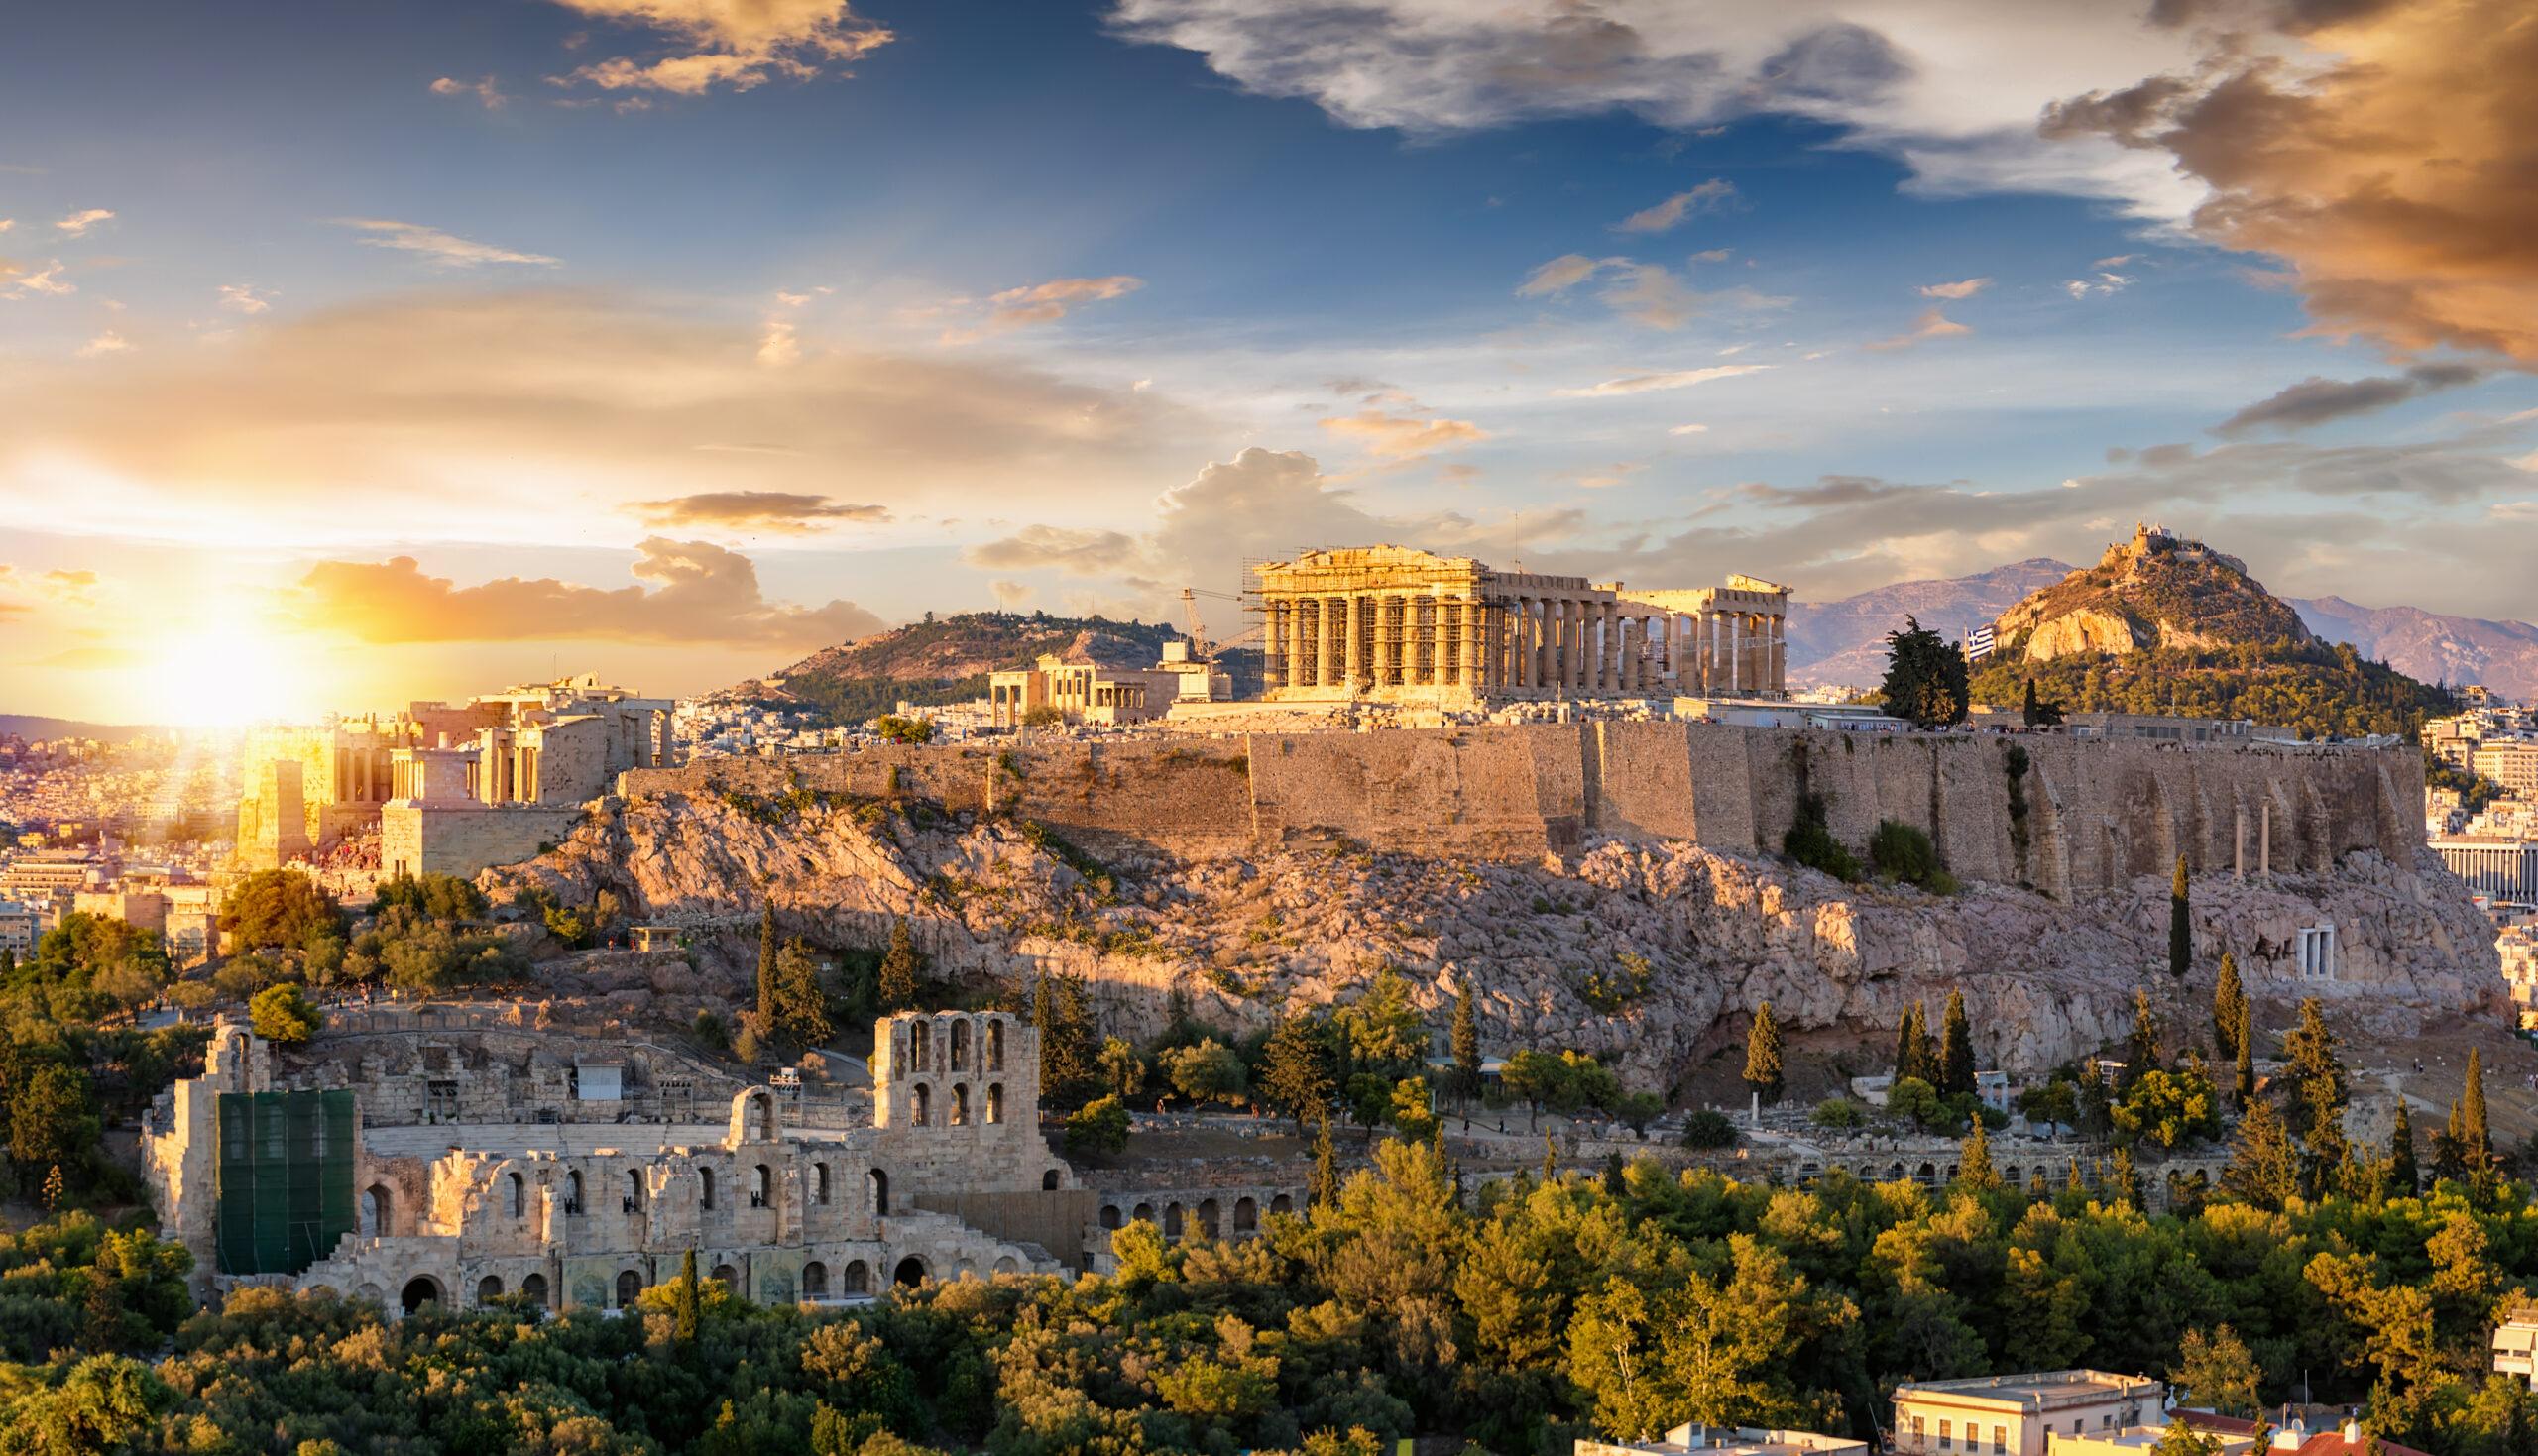 The Acropolis of Athens, Greece virtual tour